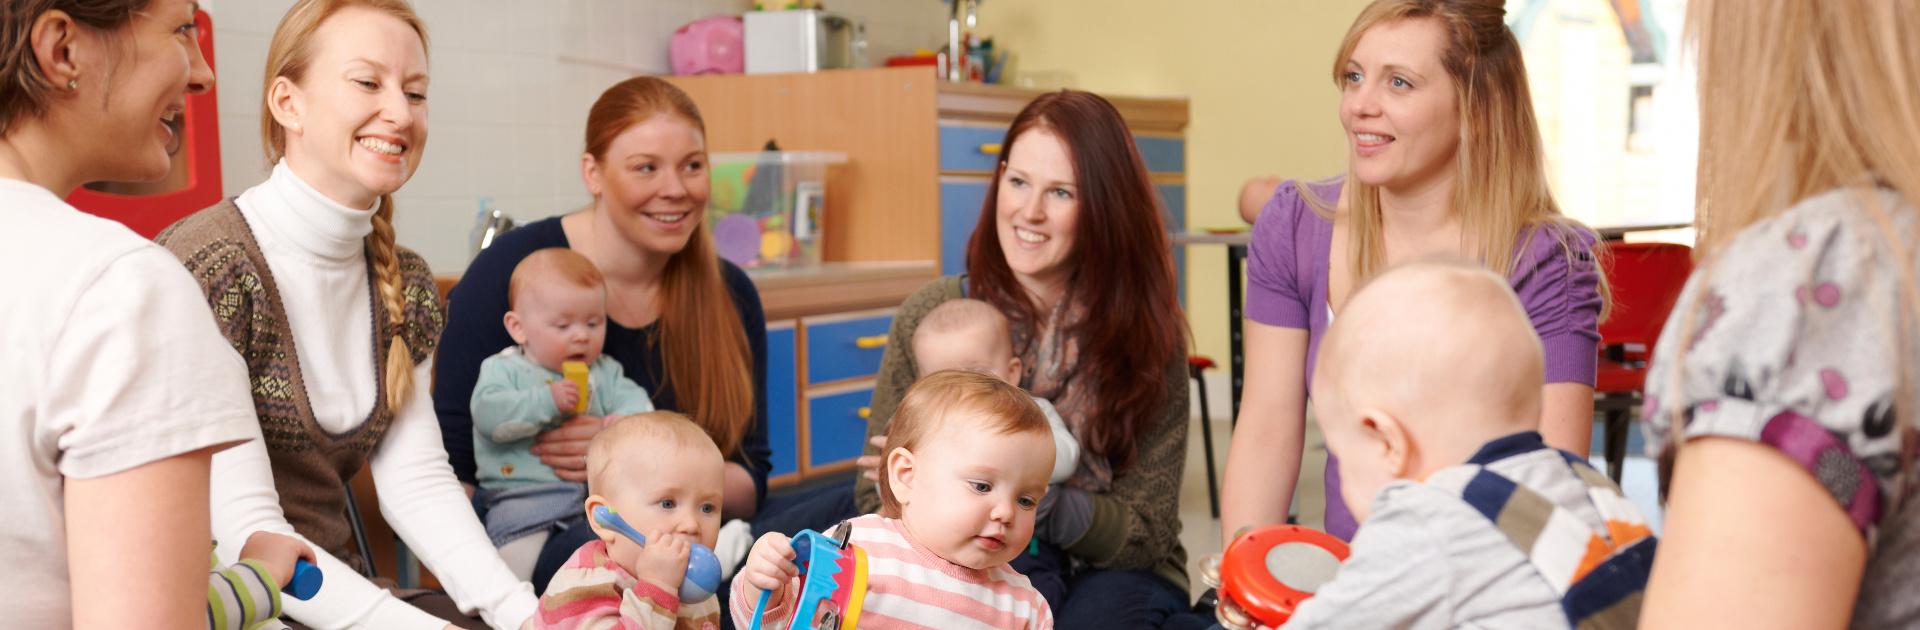 Eine Mutter-Kind-Gruppe